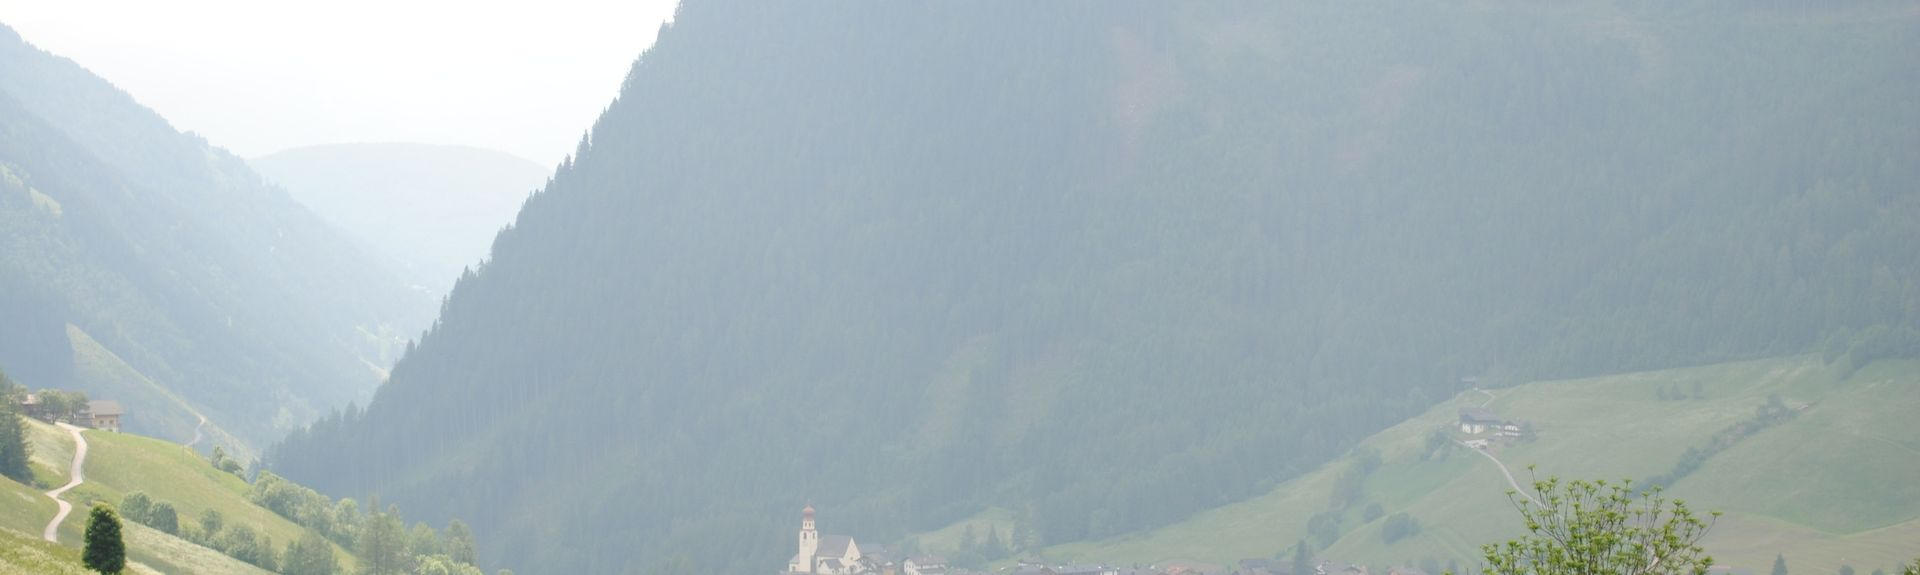 Valle Aurina, Trentino Alto Adige, Italia